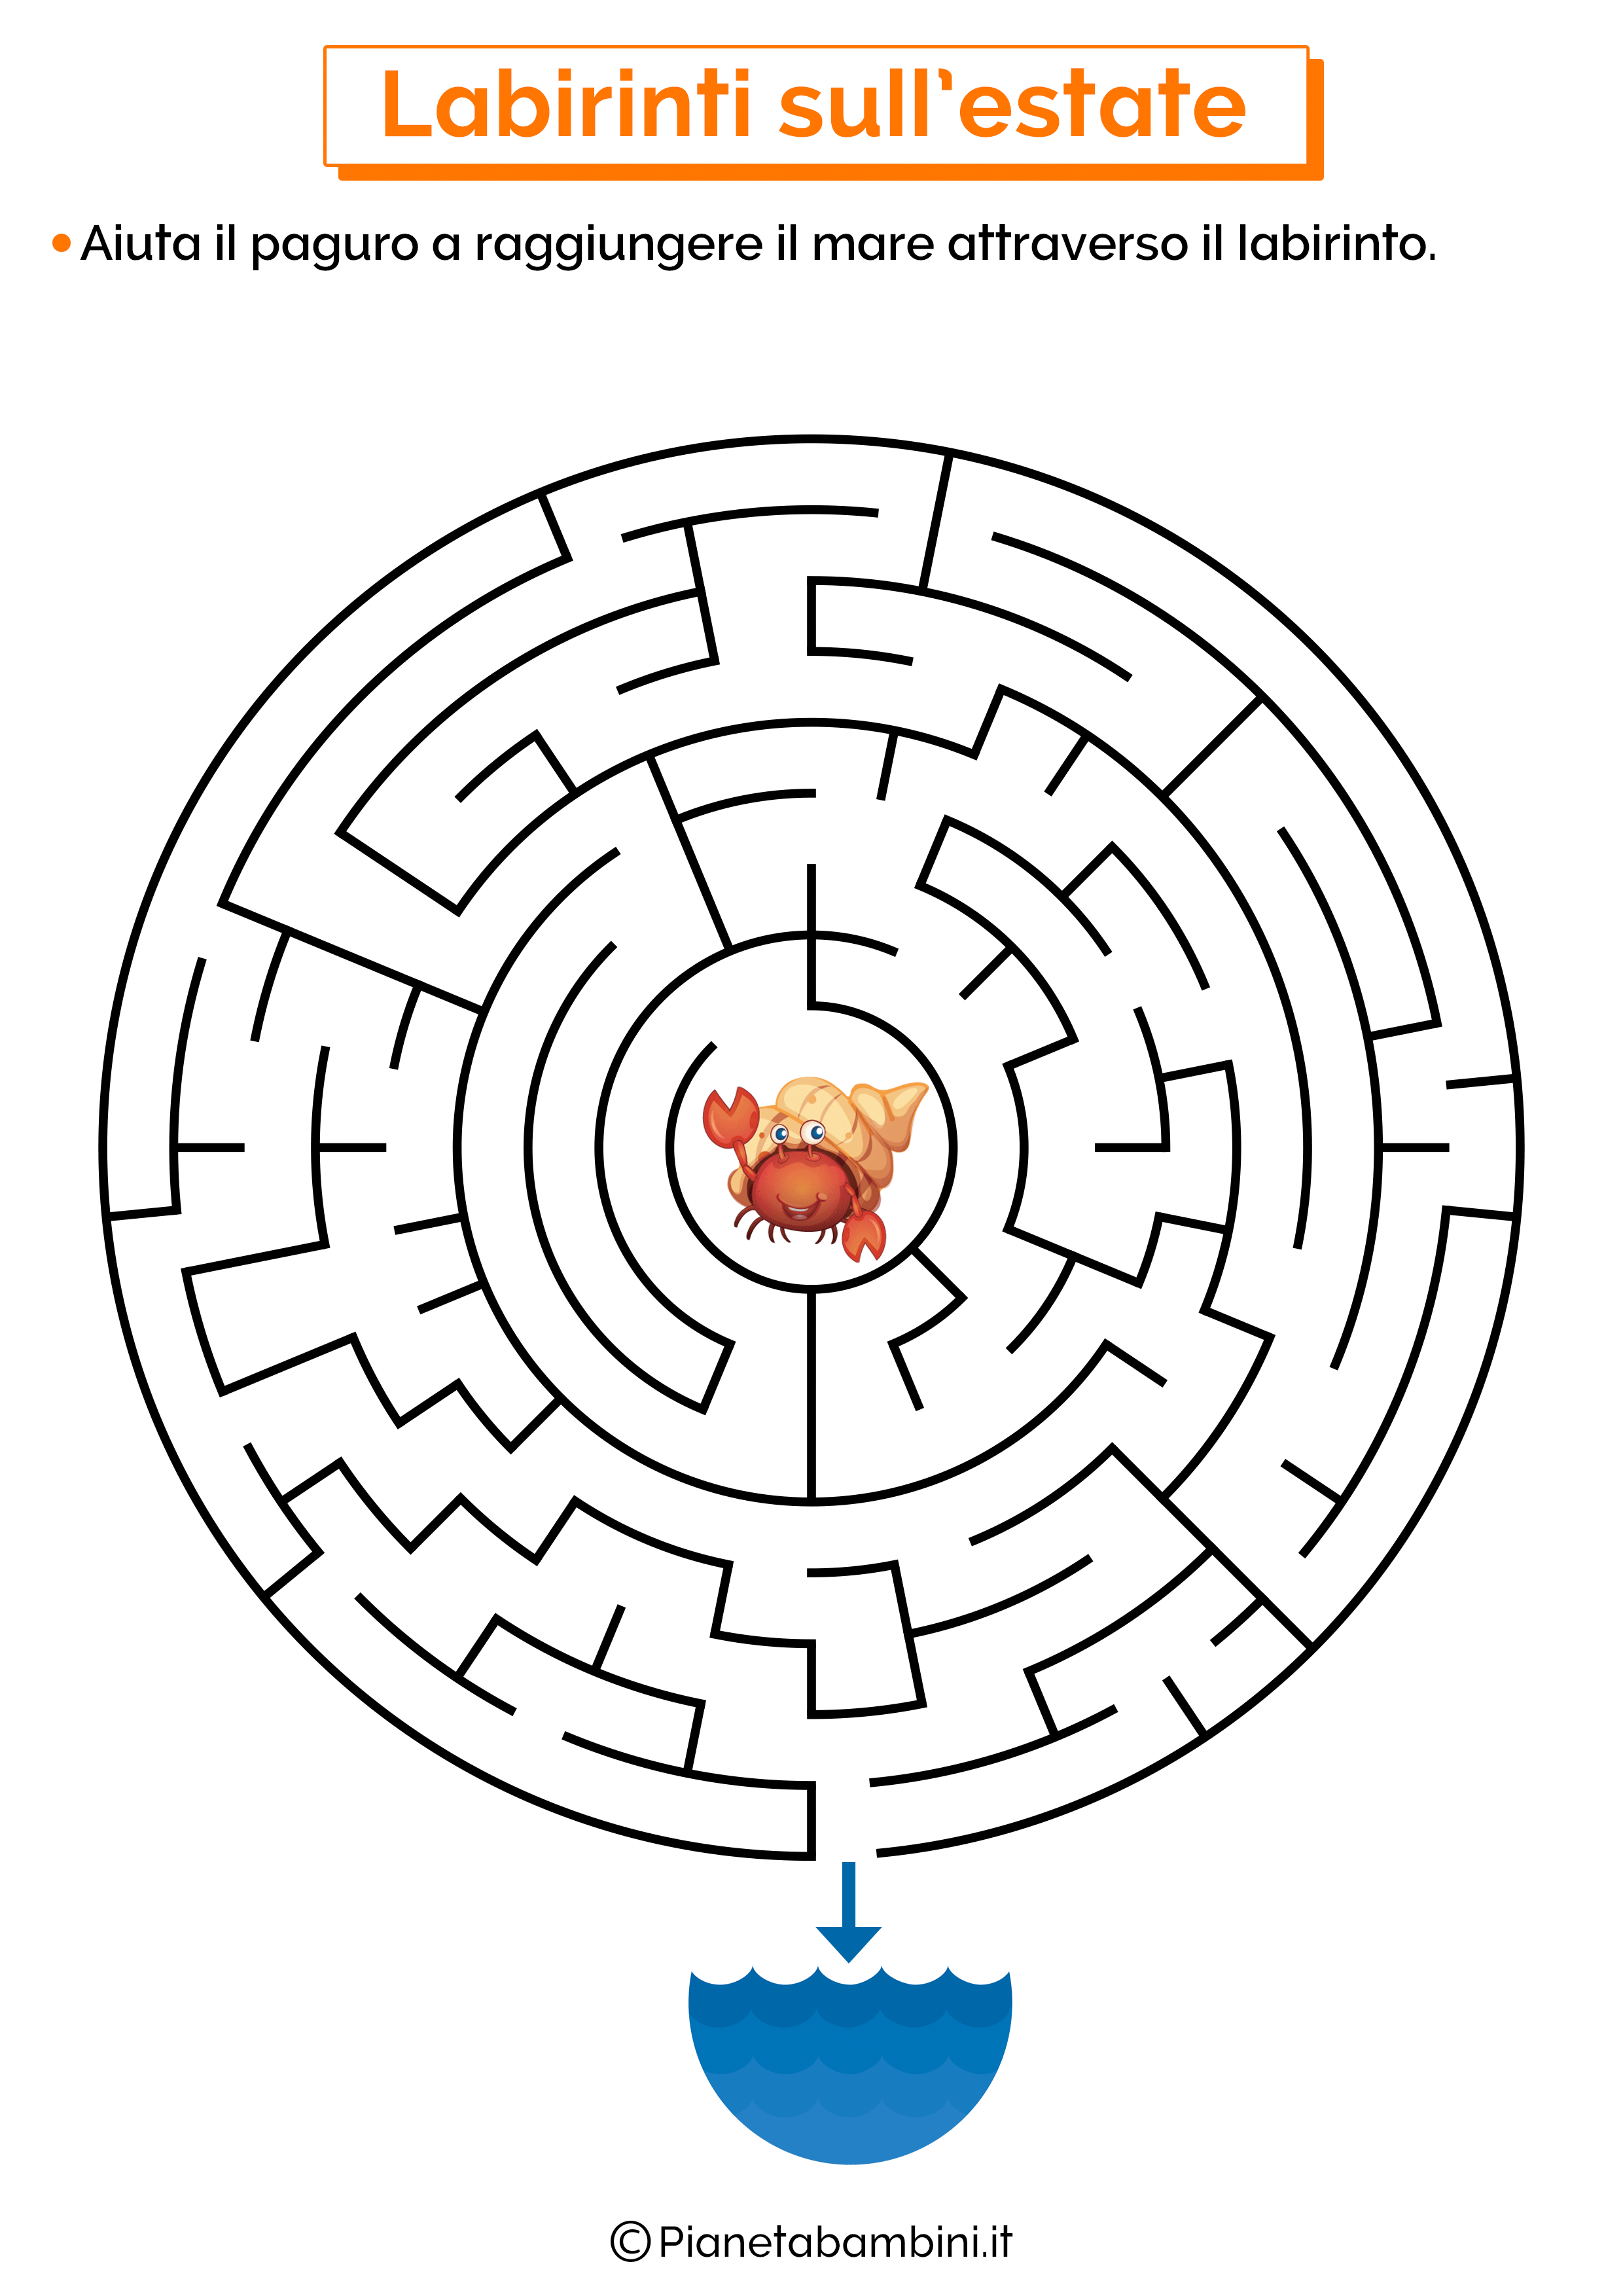 Labirinto sull'estate 06